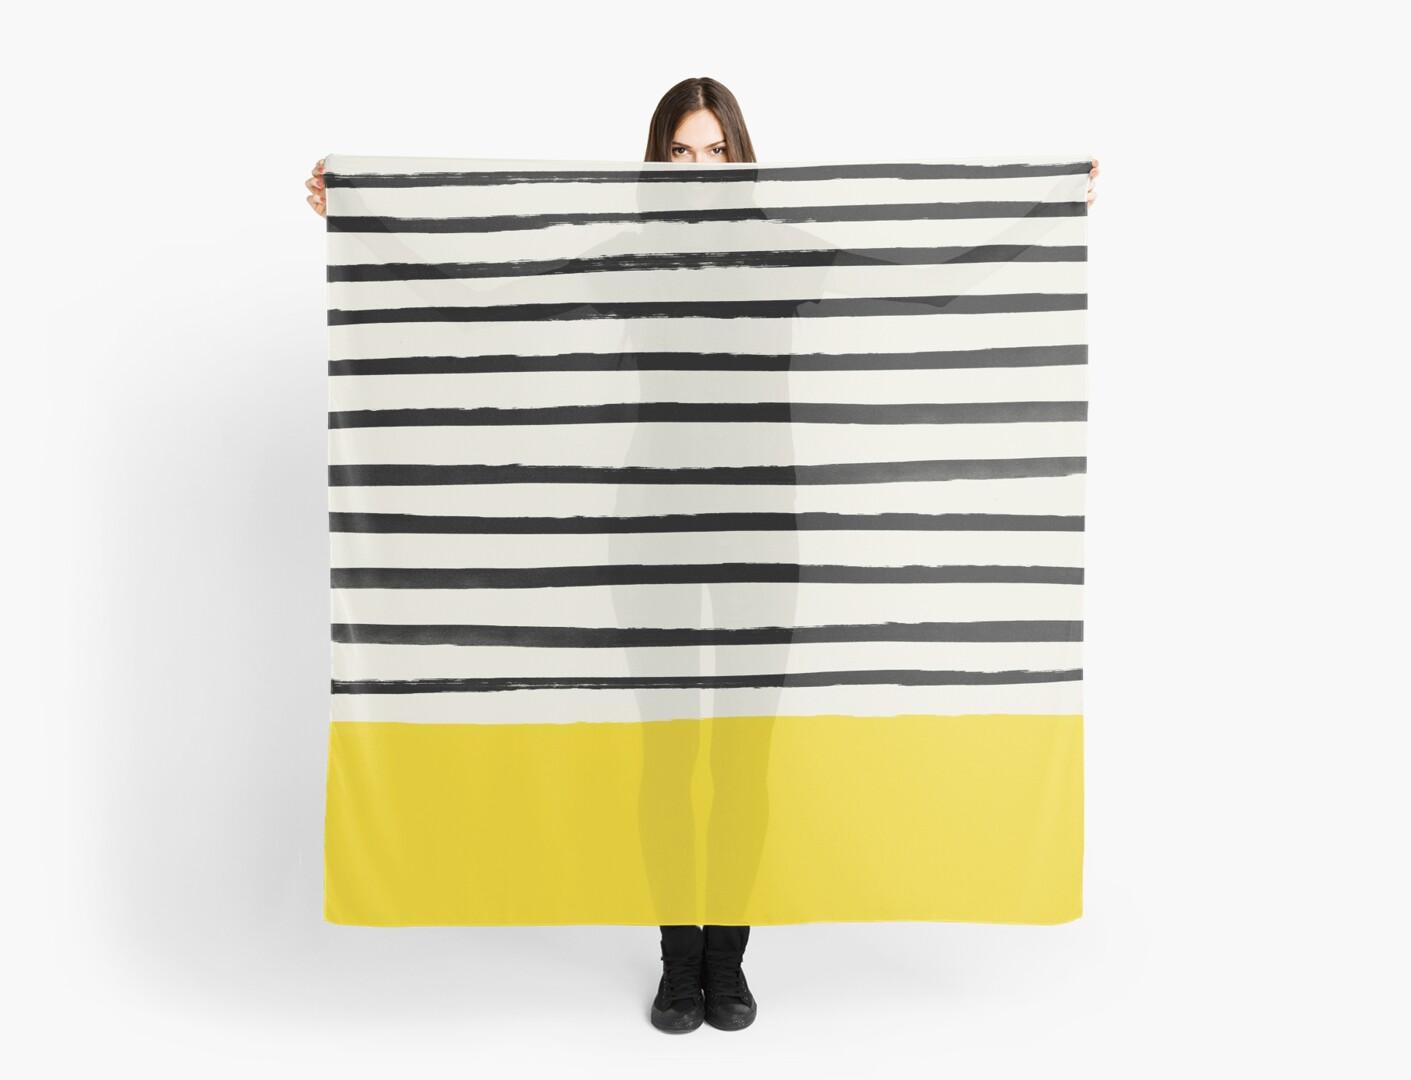 Sunshine x Stripes by Leah Flores